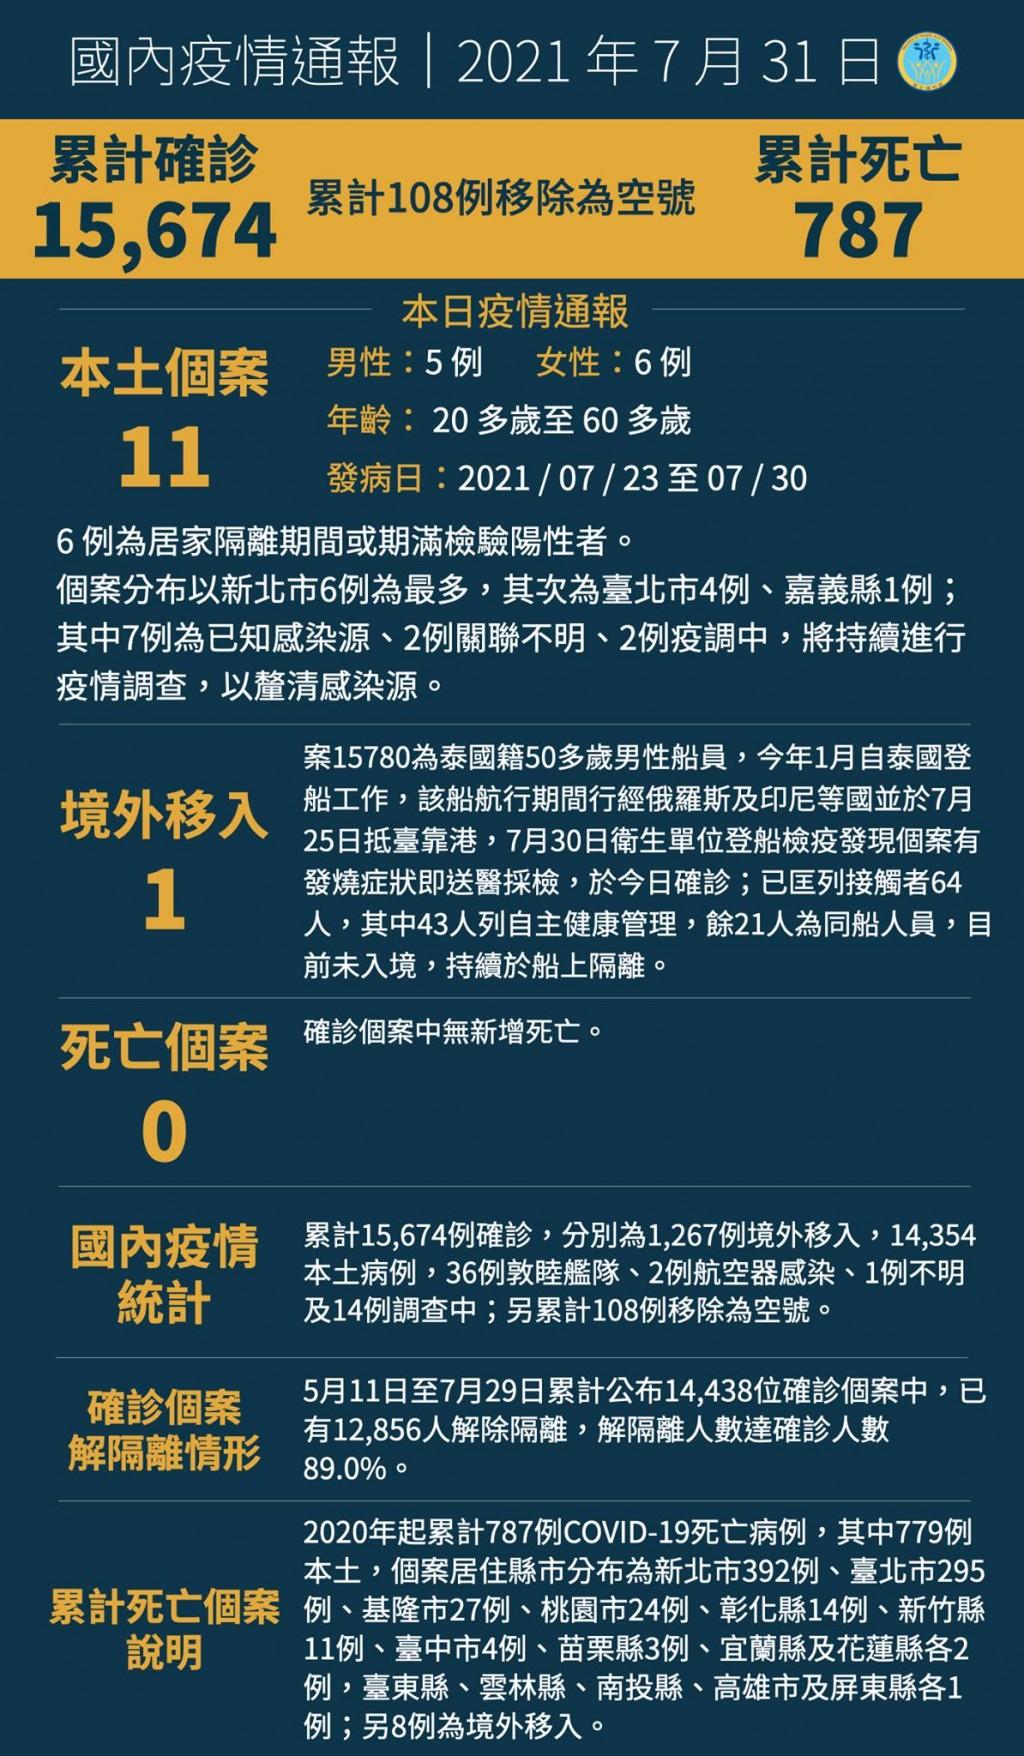 台灣7/31新增12例COVID-19確定病例•含11例本土1例境外移入 新北市6例台北市4例、嘉義縣1例